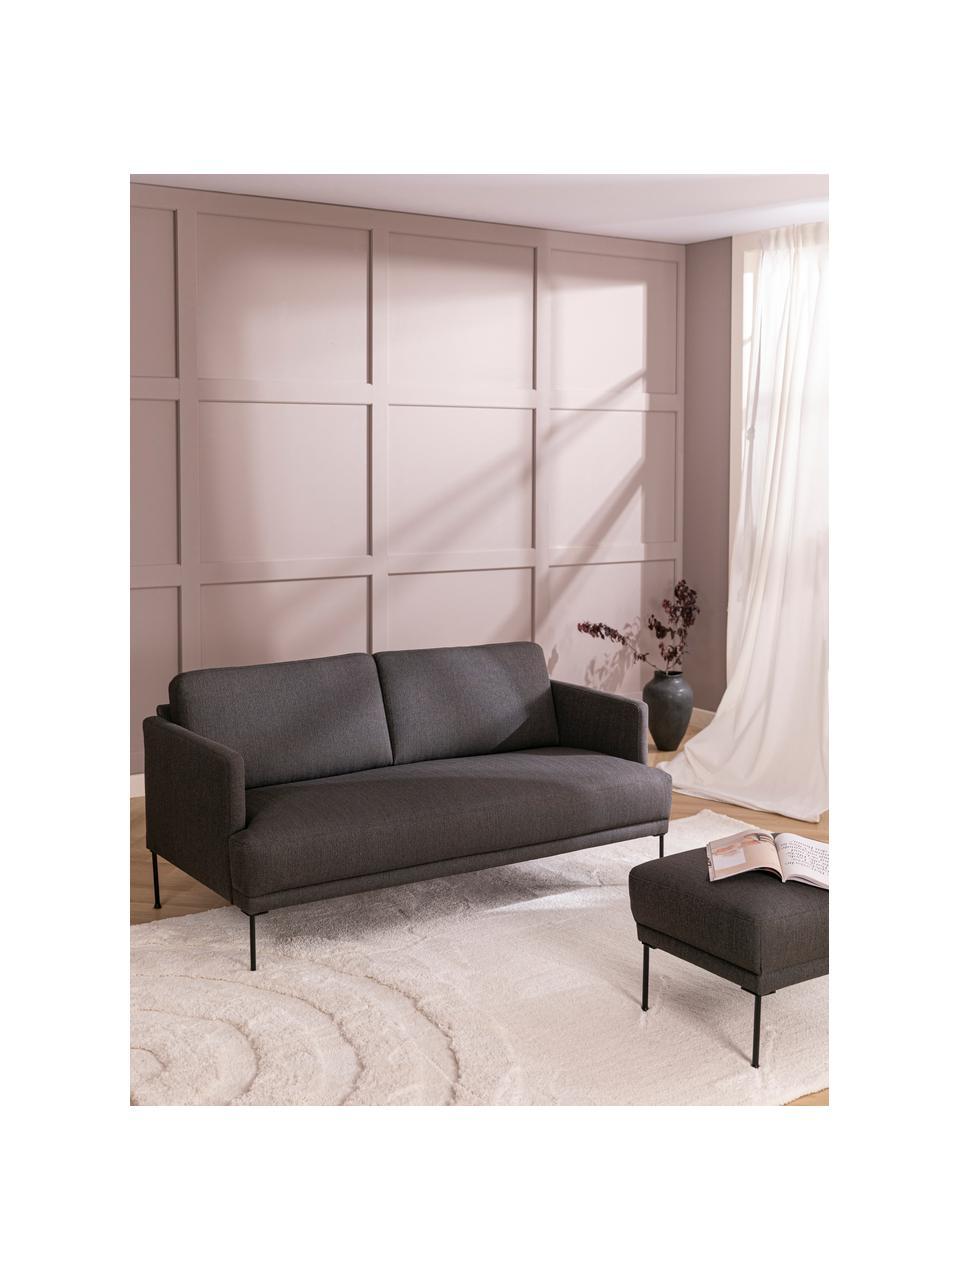 Sofa Fluente (2-Sitzer) in Dunkelgrau mit Metall-Füßen, Bezug: 100% Polyester Der hochwe, Gestell: Massives Kiefernholz, Füße: Metall, pulverbeschichtet, Webstoff Dunkelgrau, B 166 x T 85 cm